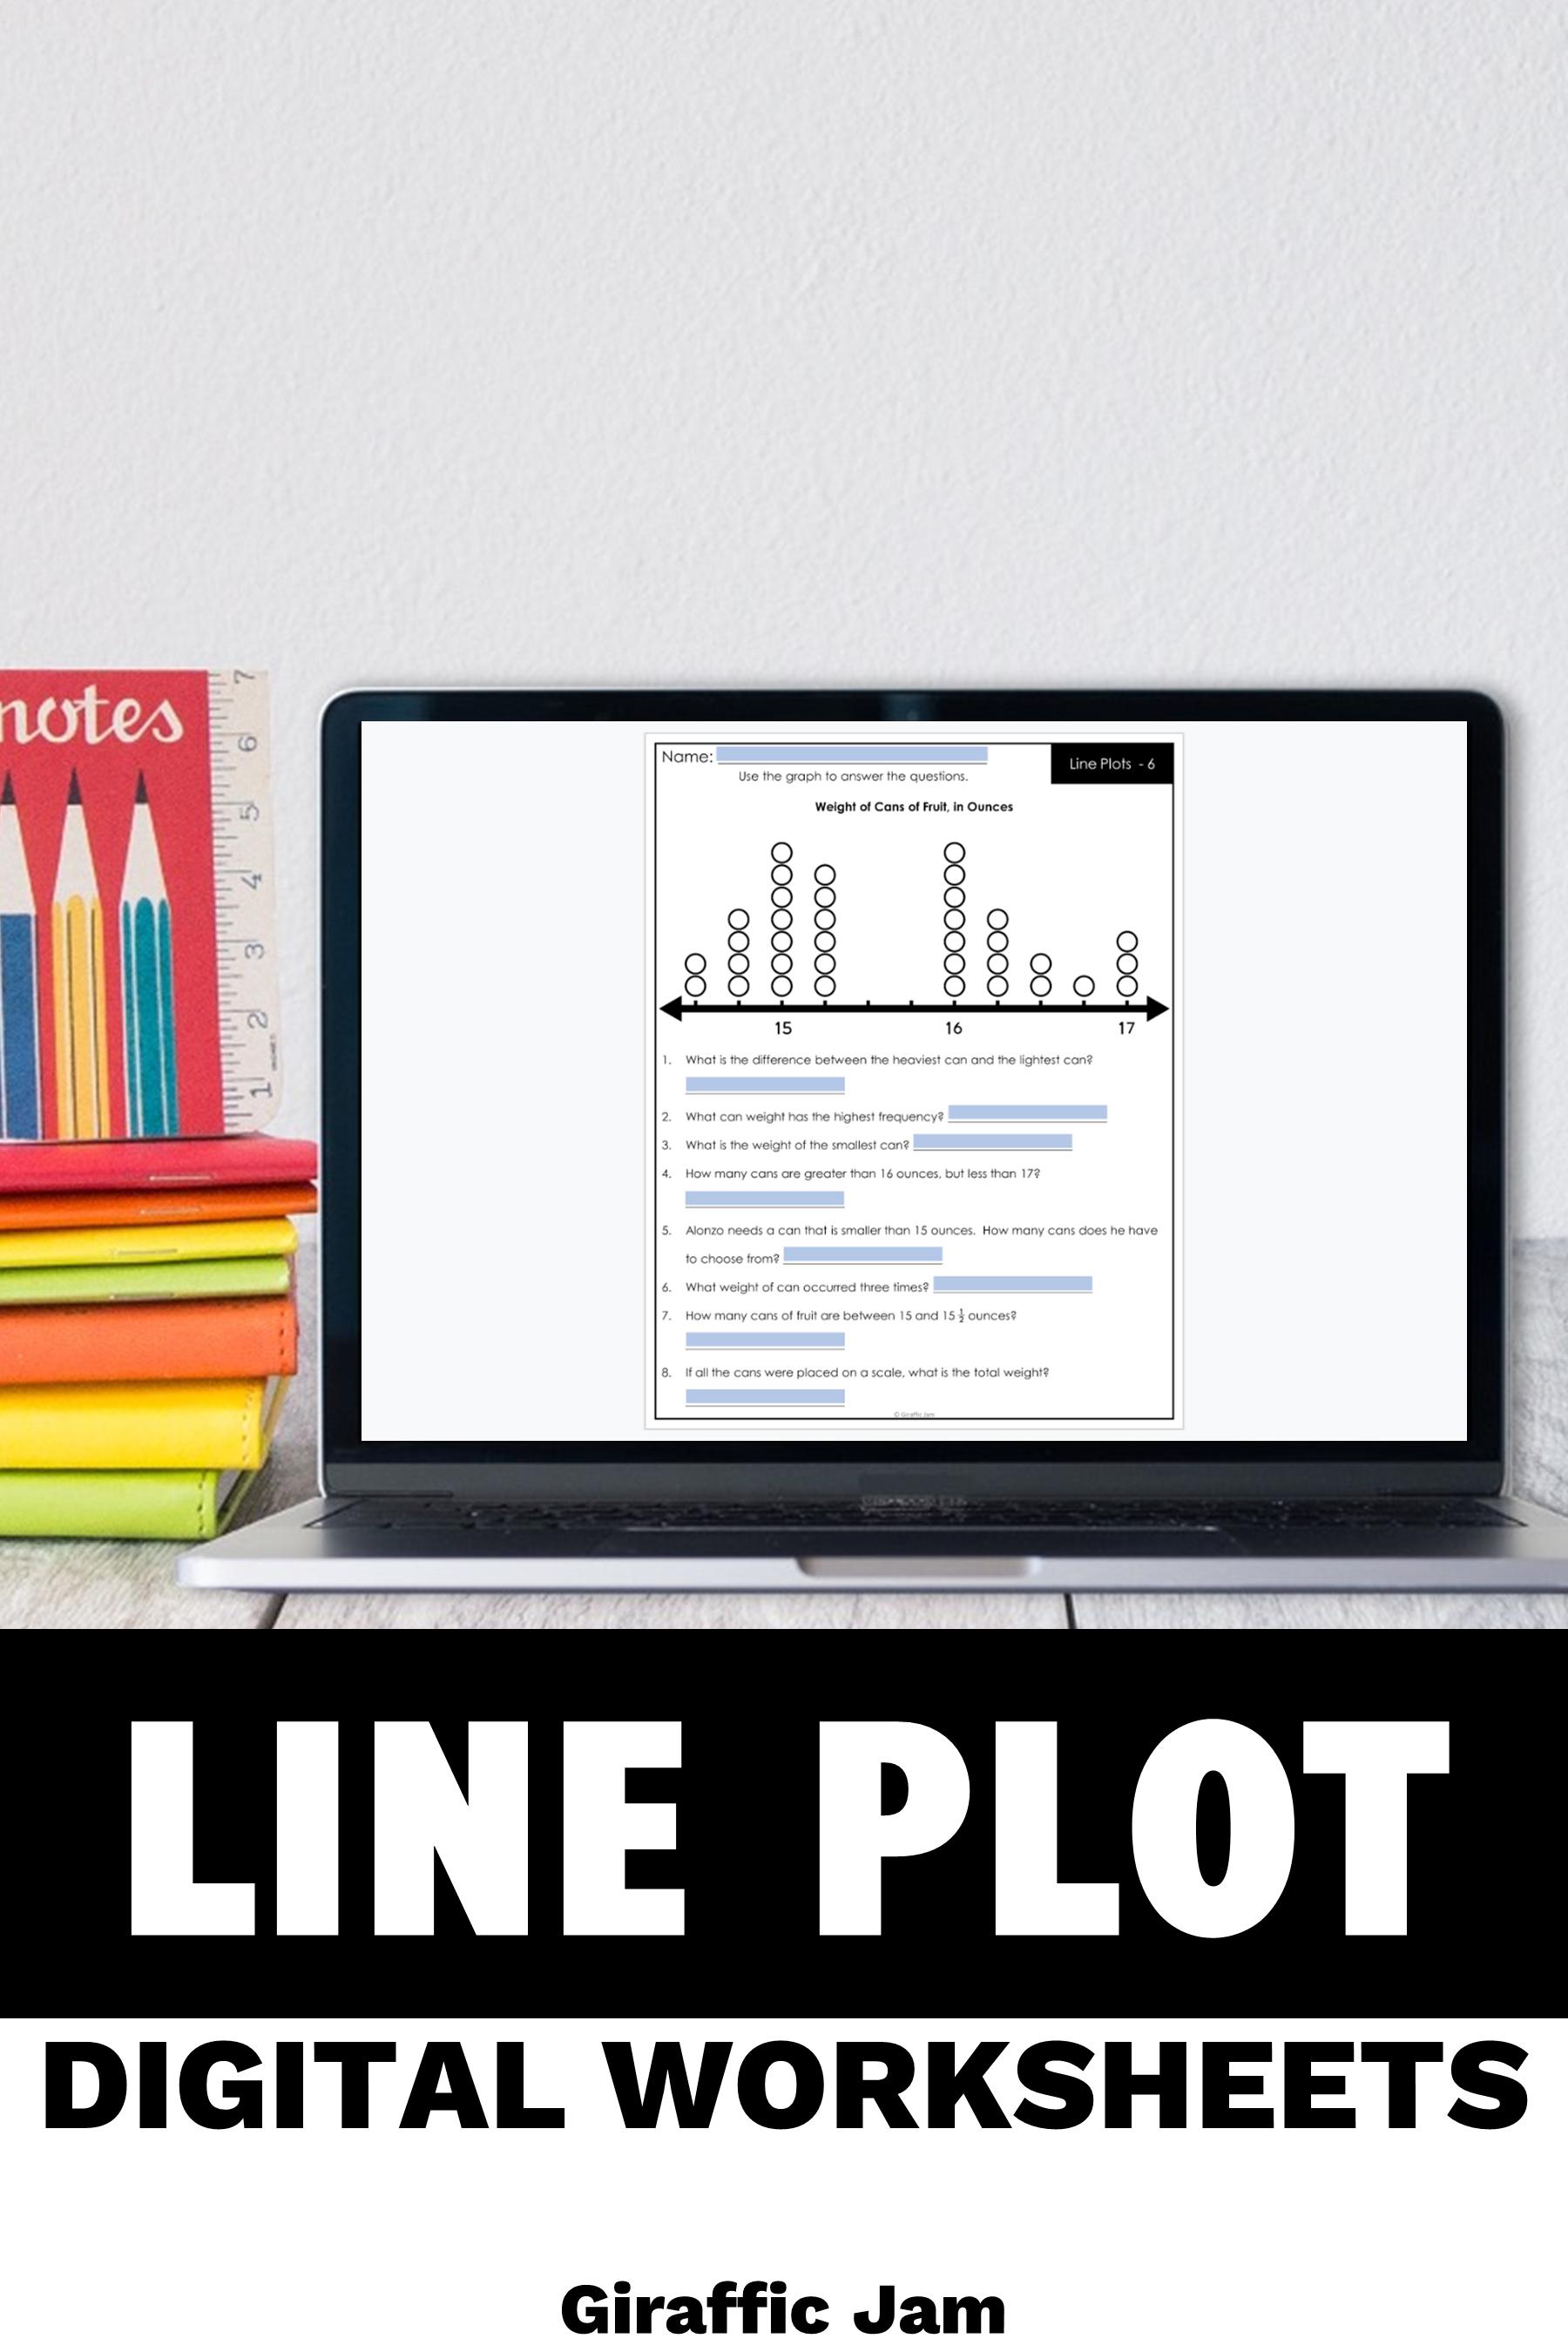 Line Plots Digital